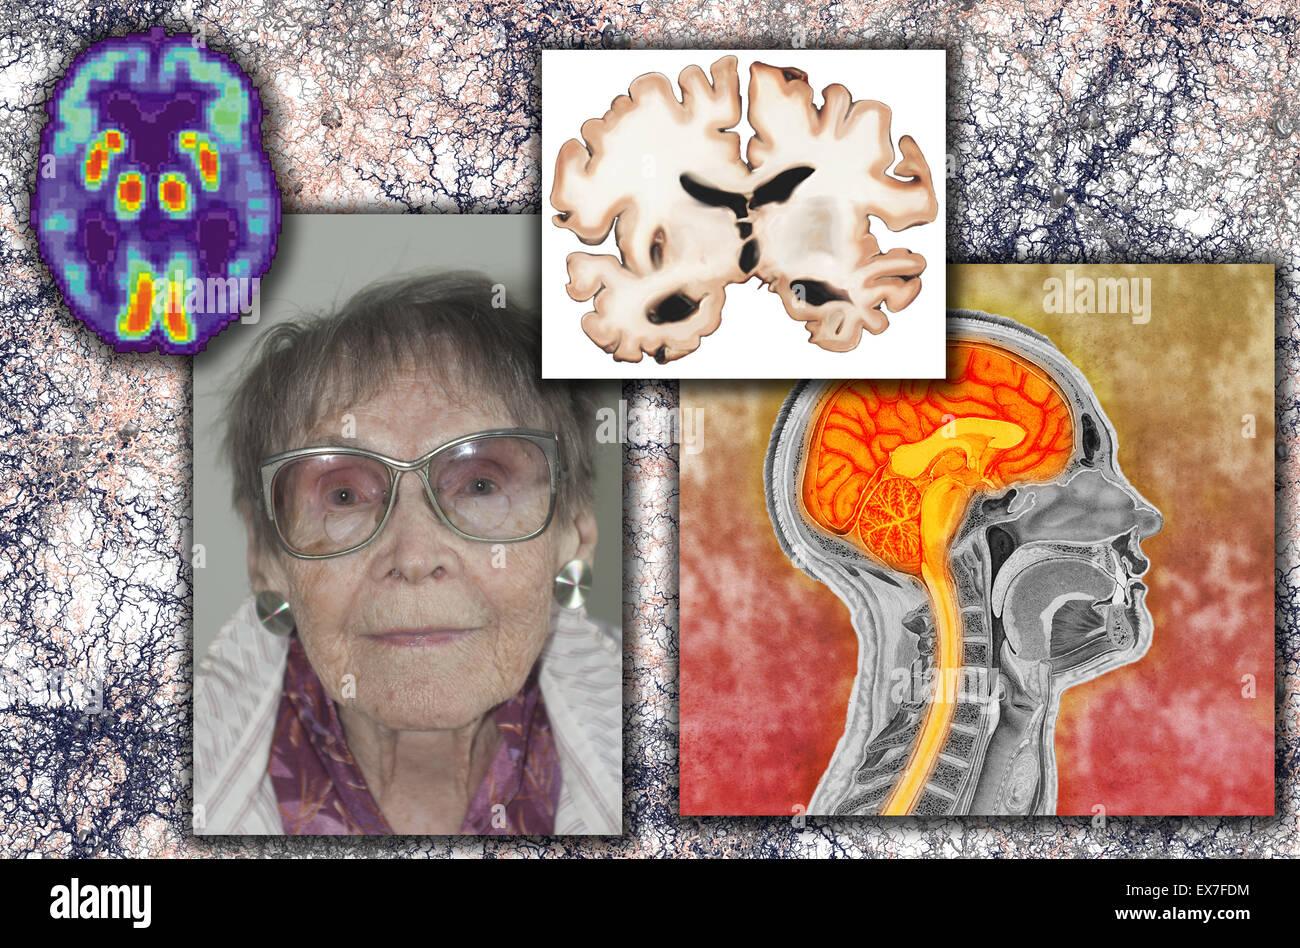 Illustration de l'antique colorisée le cerveau humain Photo Stock